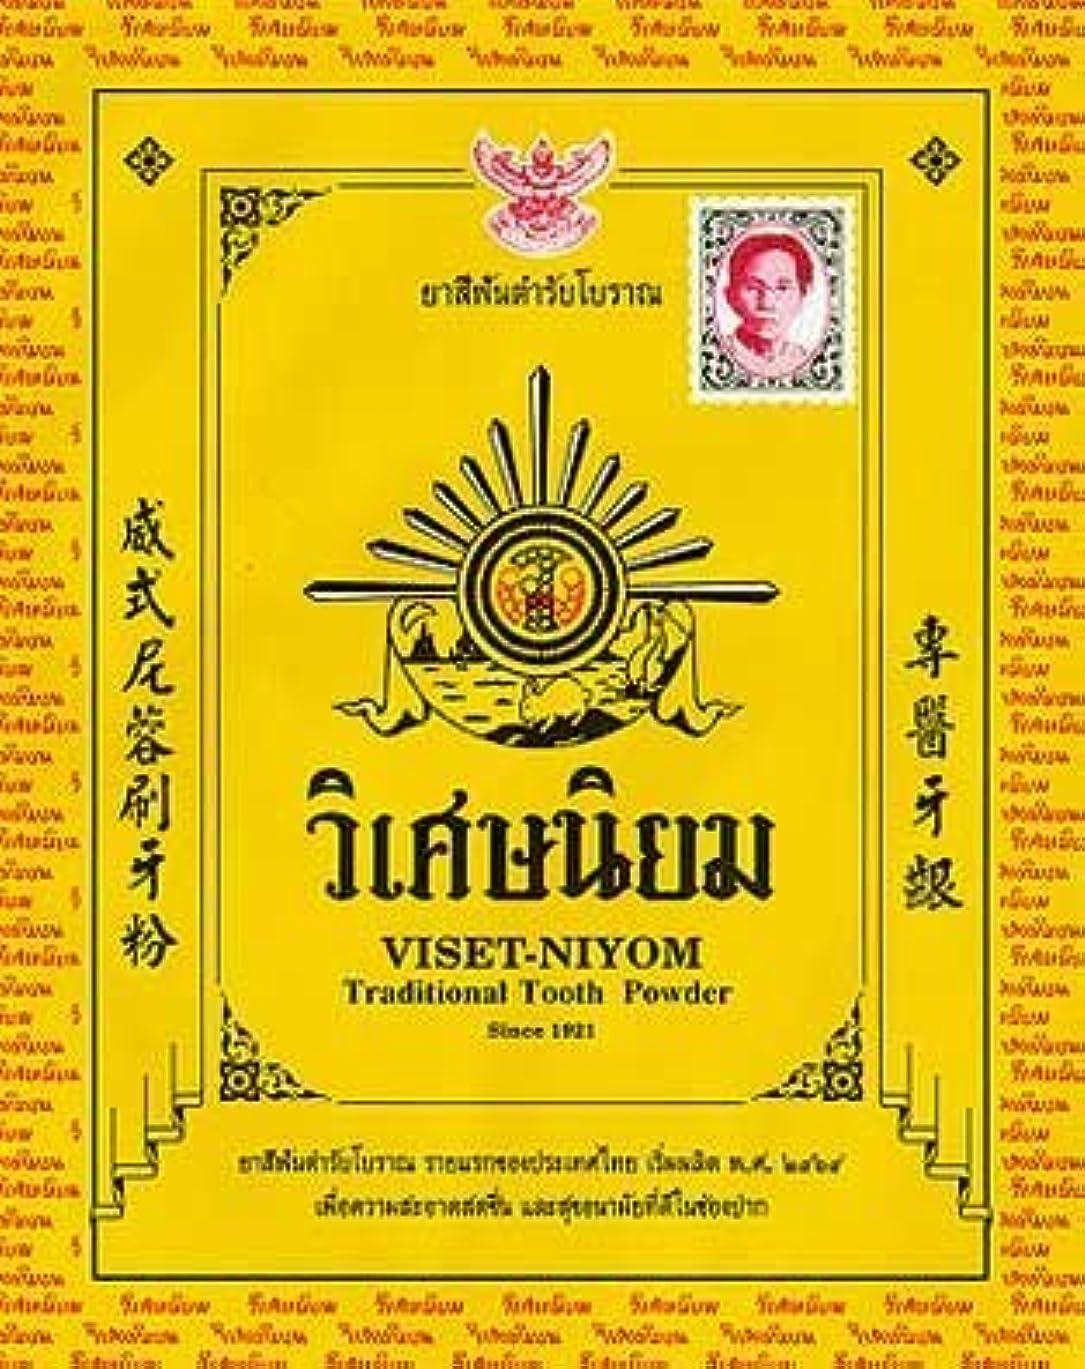 類似性うなずく大砲Herbal Whitening Tooth Powder Thai Original Traditional Toothpaste 40 G. x 2 Packs by Viset Niyom Tooth Powder